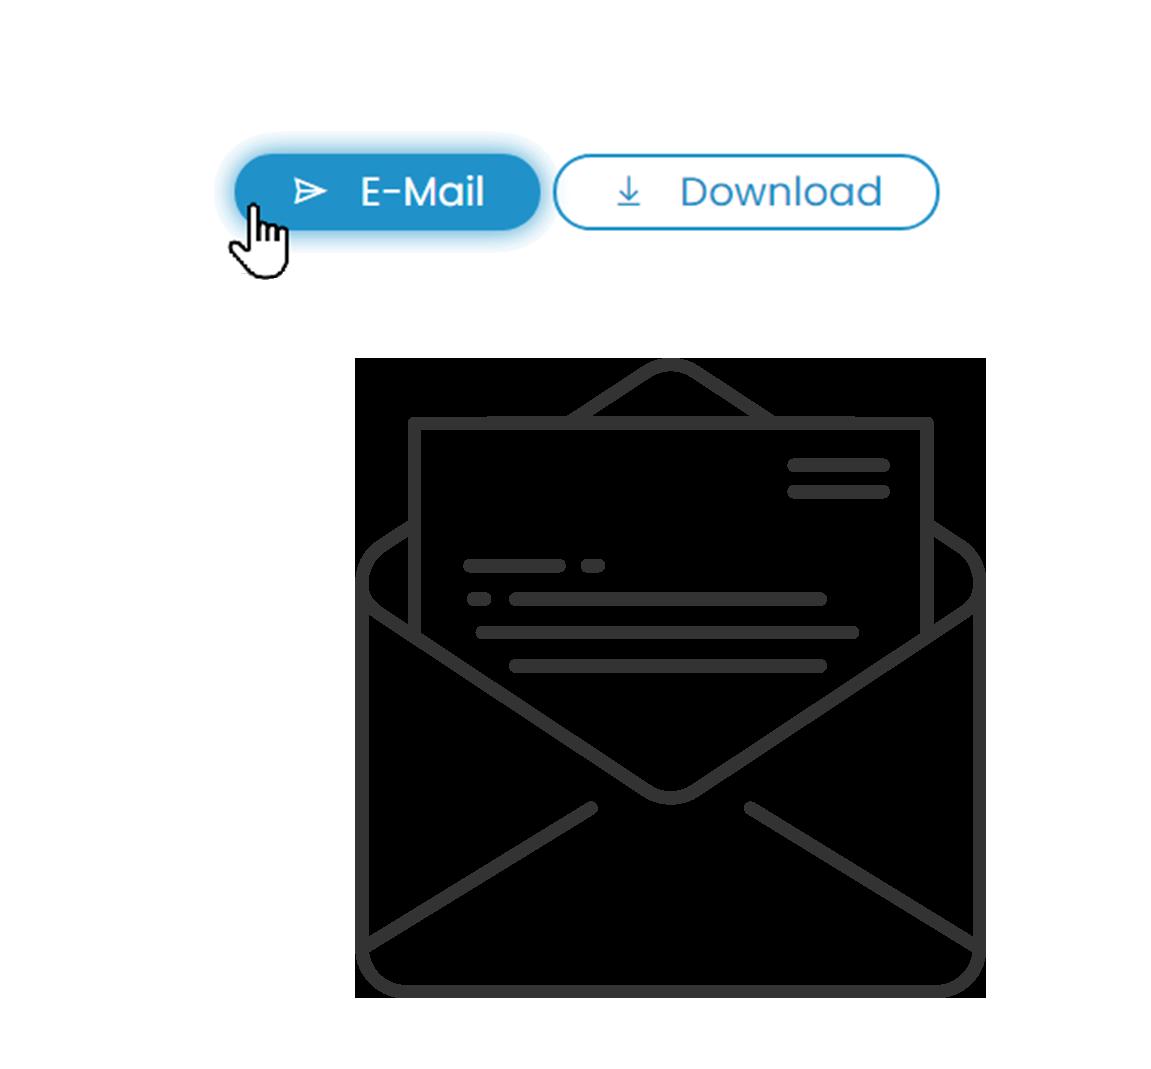 Symbol E-Mail